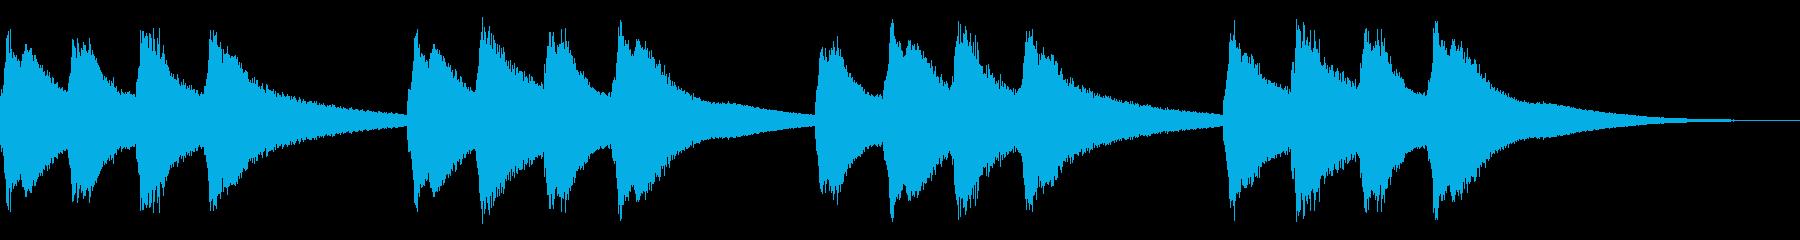 学校のチャイム,キーンコーンカーンコーンの再生済みの波形